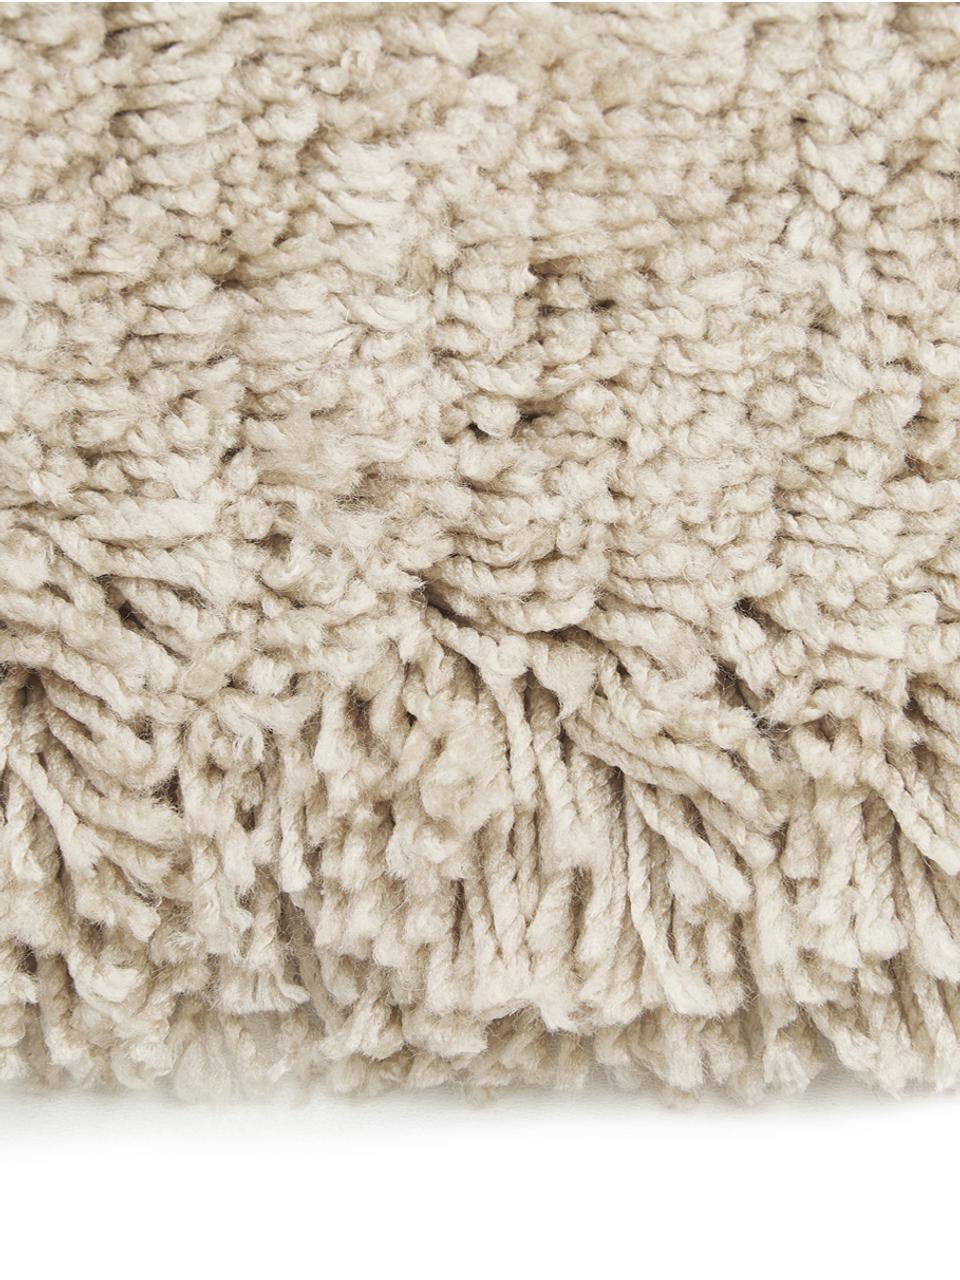 Fluffy rond hoogpolig vloerkleed Dreamy met franjes, Bovenzijde: 100% polyester, Onderzijde: 100% katoen, Crèmekleurig, Ø 150 cm (maat M)